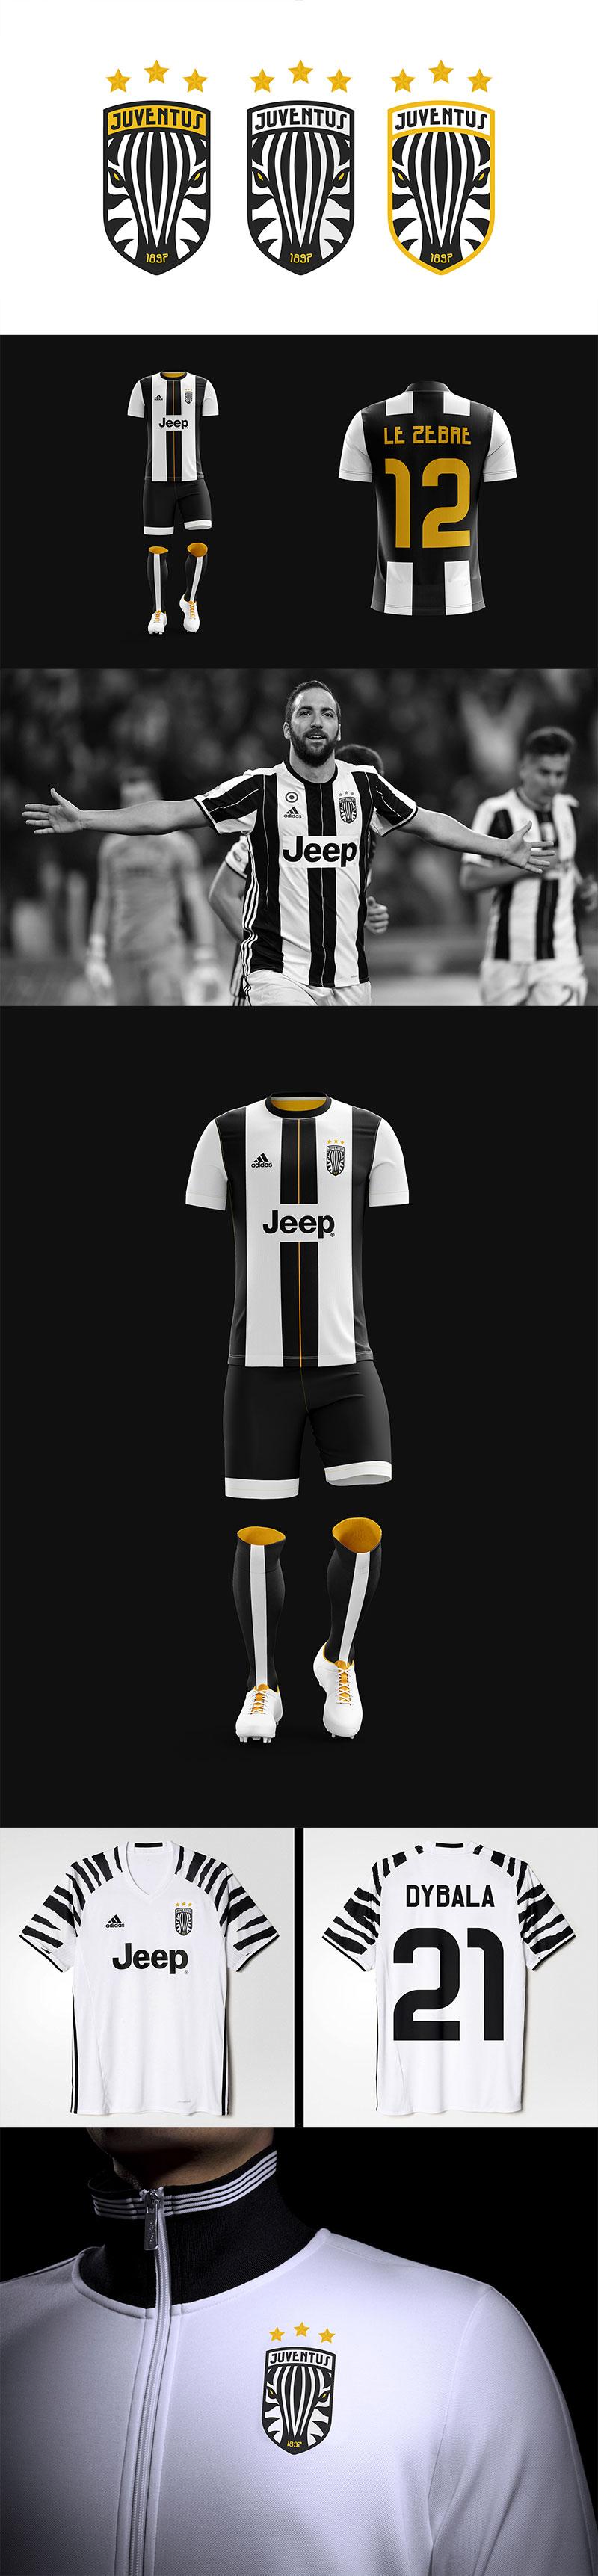 Diseños de la marca del club de fútbol: Juventus FC Rebrand por Edward Sonnex